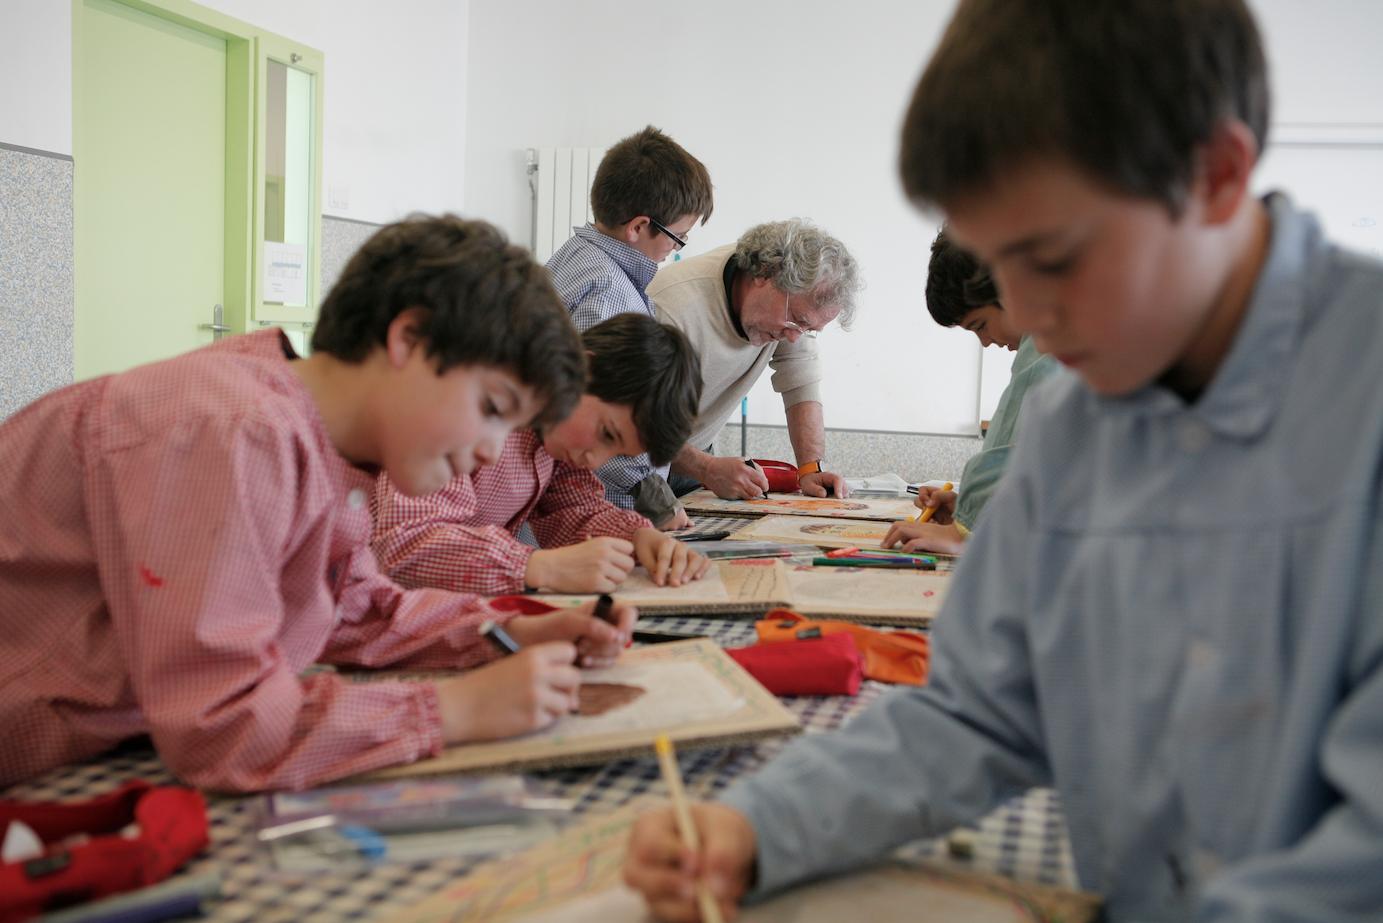 La coordinadfora demana que es faci pressió per edificar la XIII escola.  FOTO: Arxiu